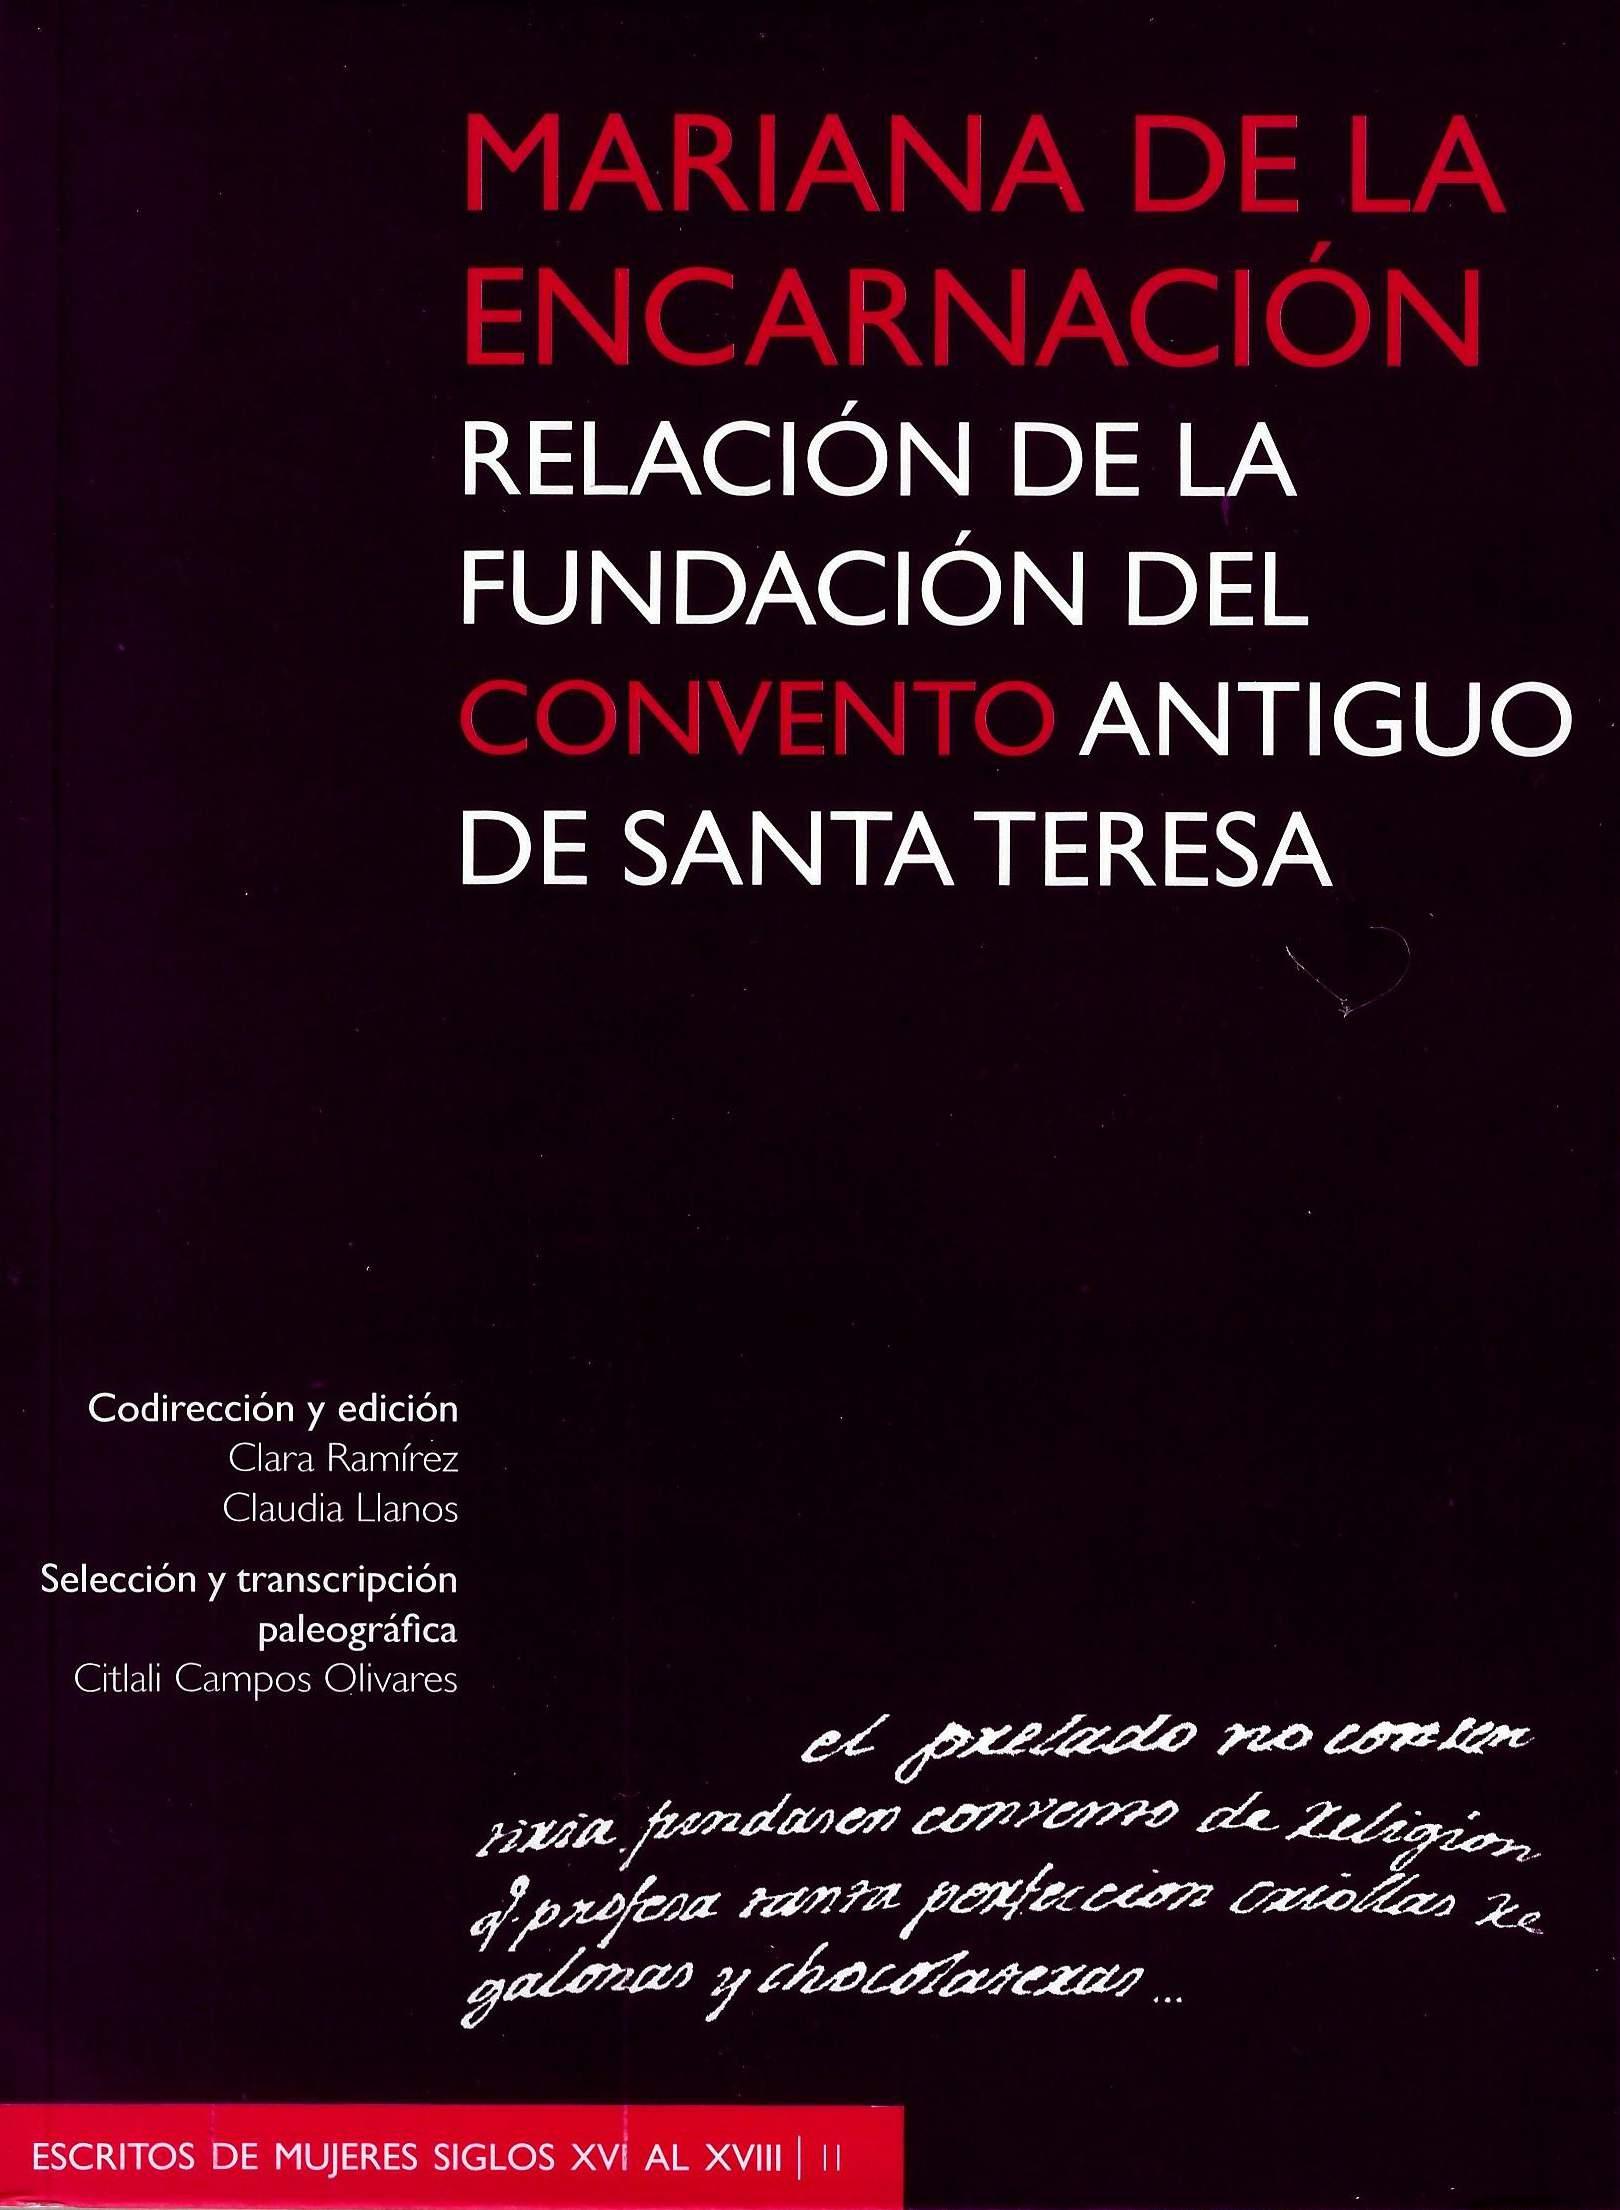 Mariana de la Encarnacion. Relacion de la fundación del Convento Antiguo de Santa Teresa